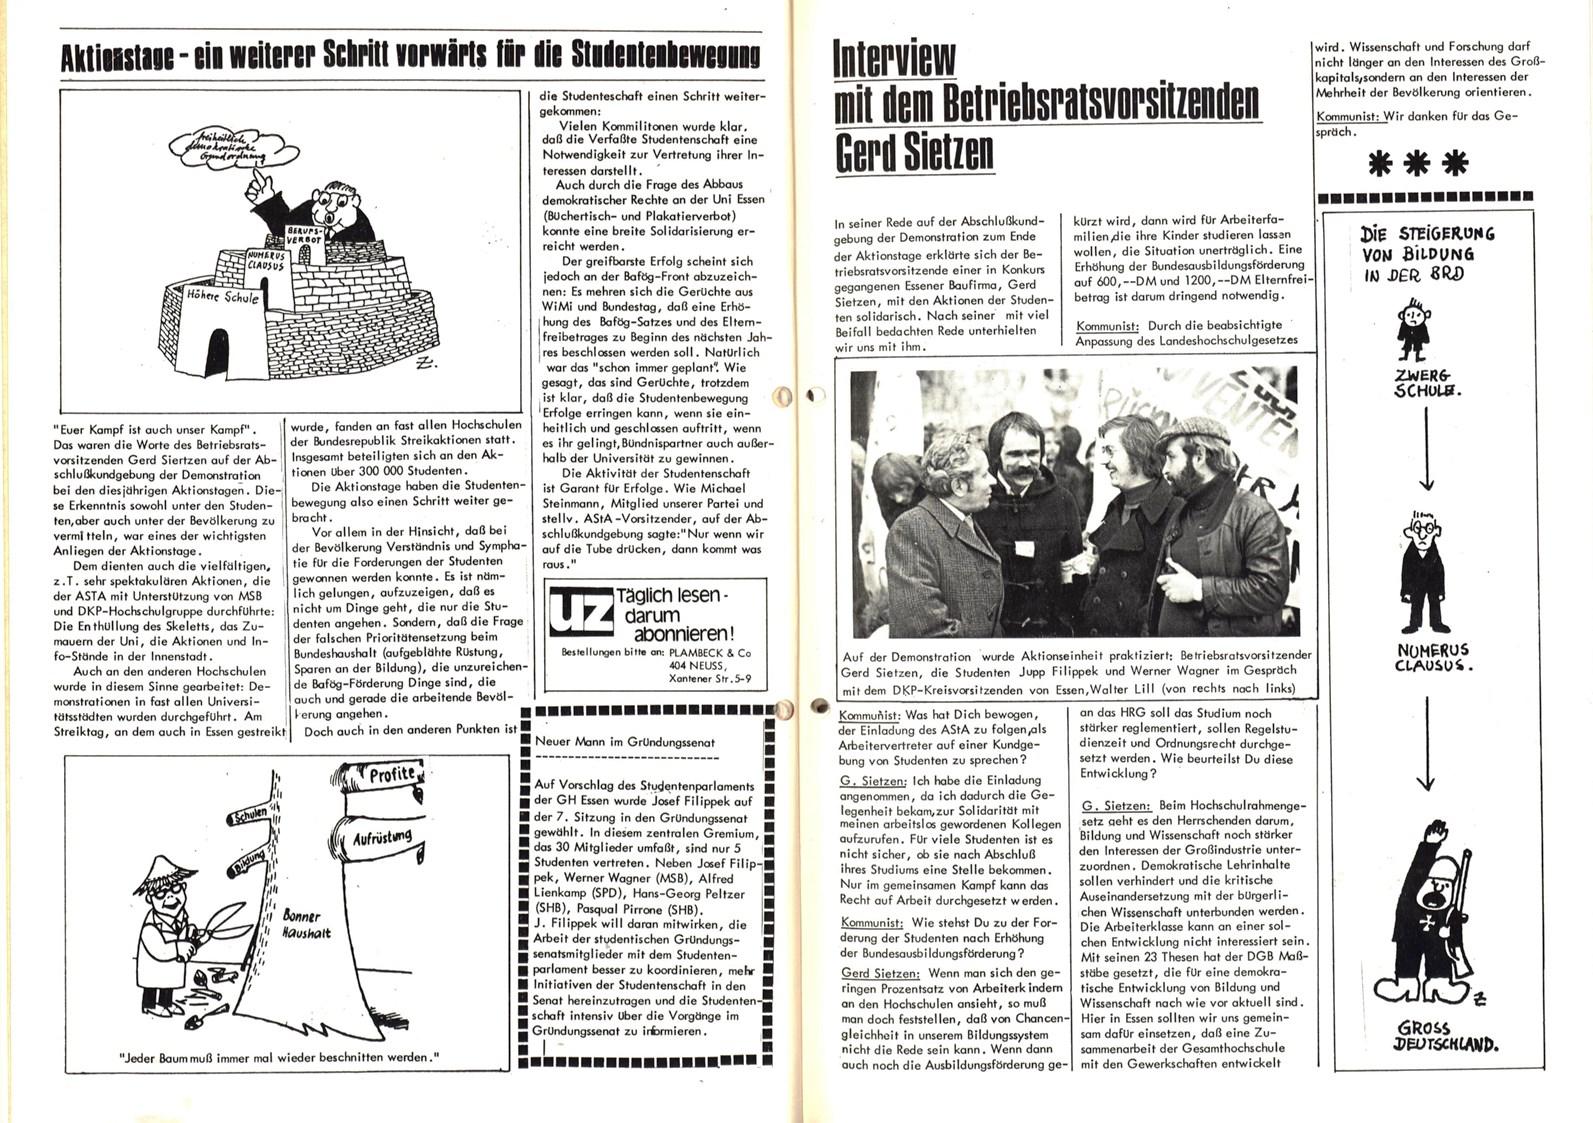 Essen_DKP_Kommunist_19761213_02